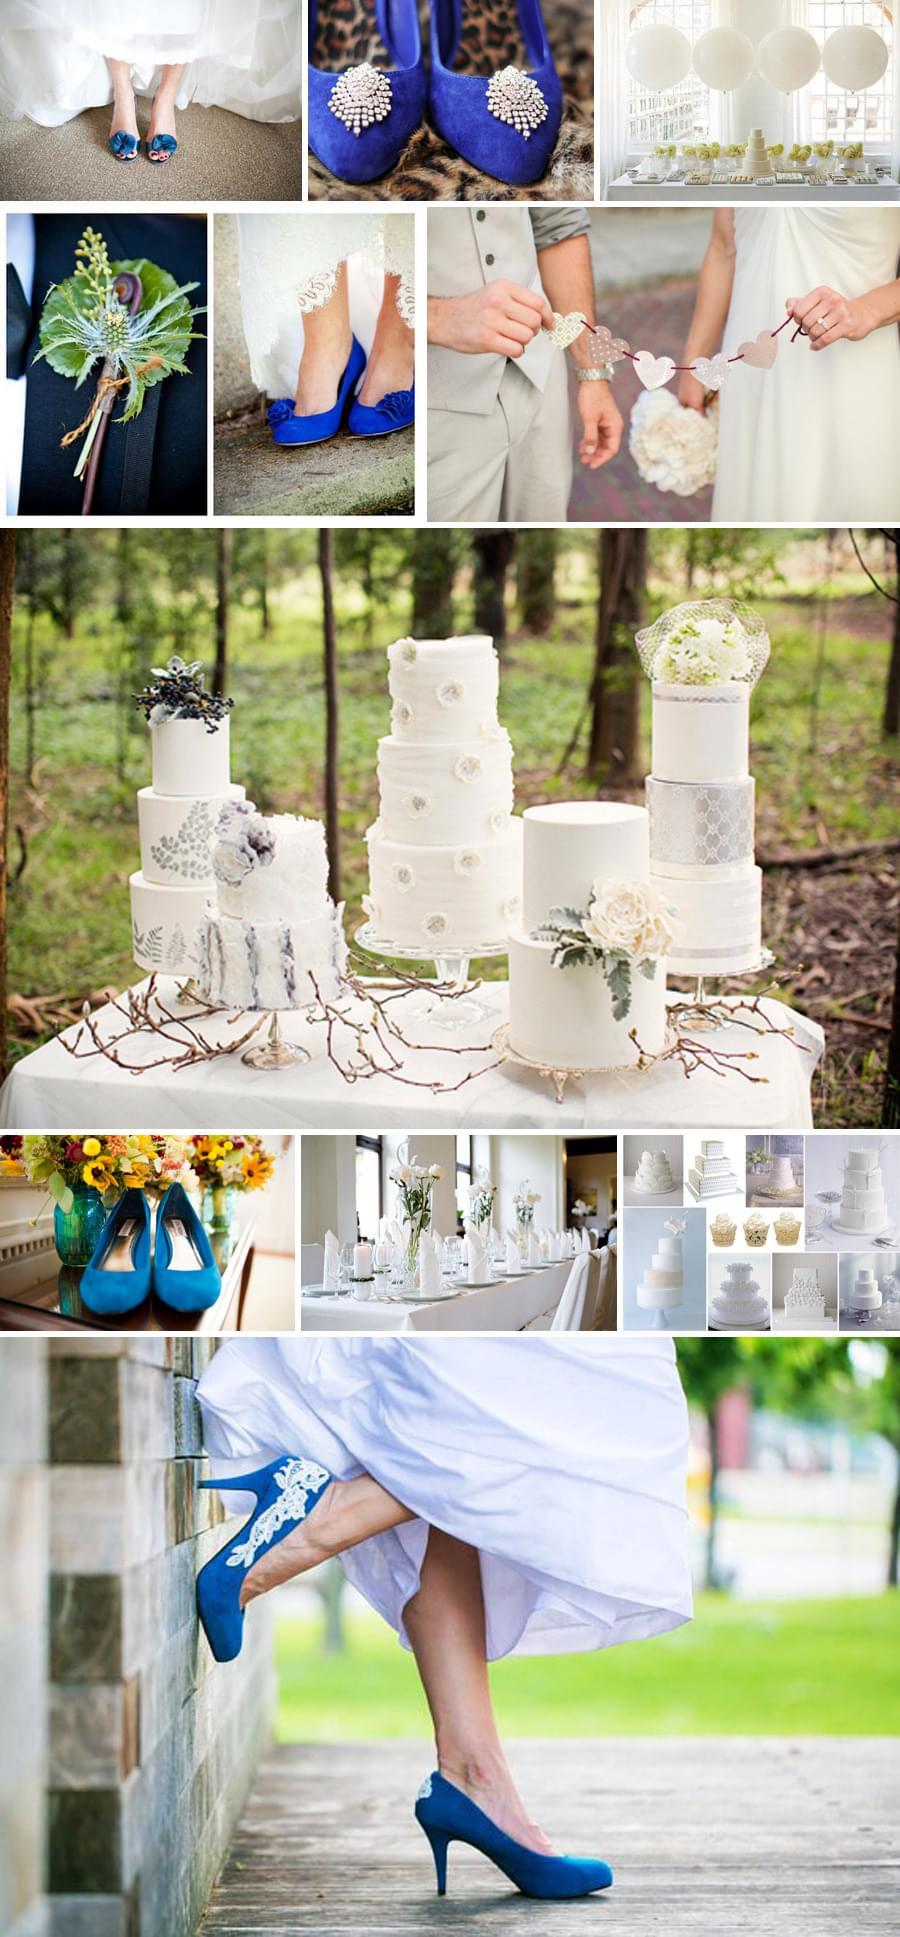 niebieskie buty do slubu, kolory ślubu niebieski i biały , motyw przewodni wesela